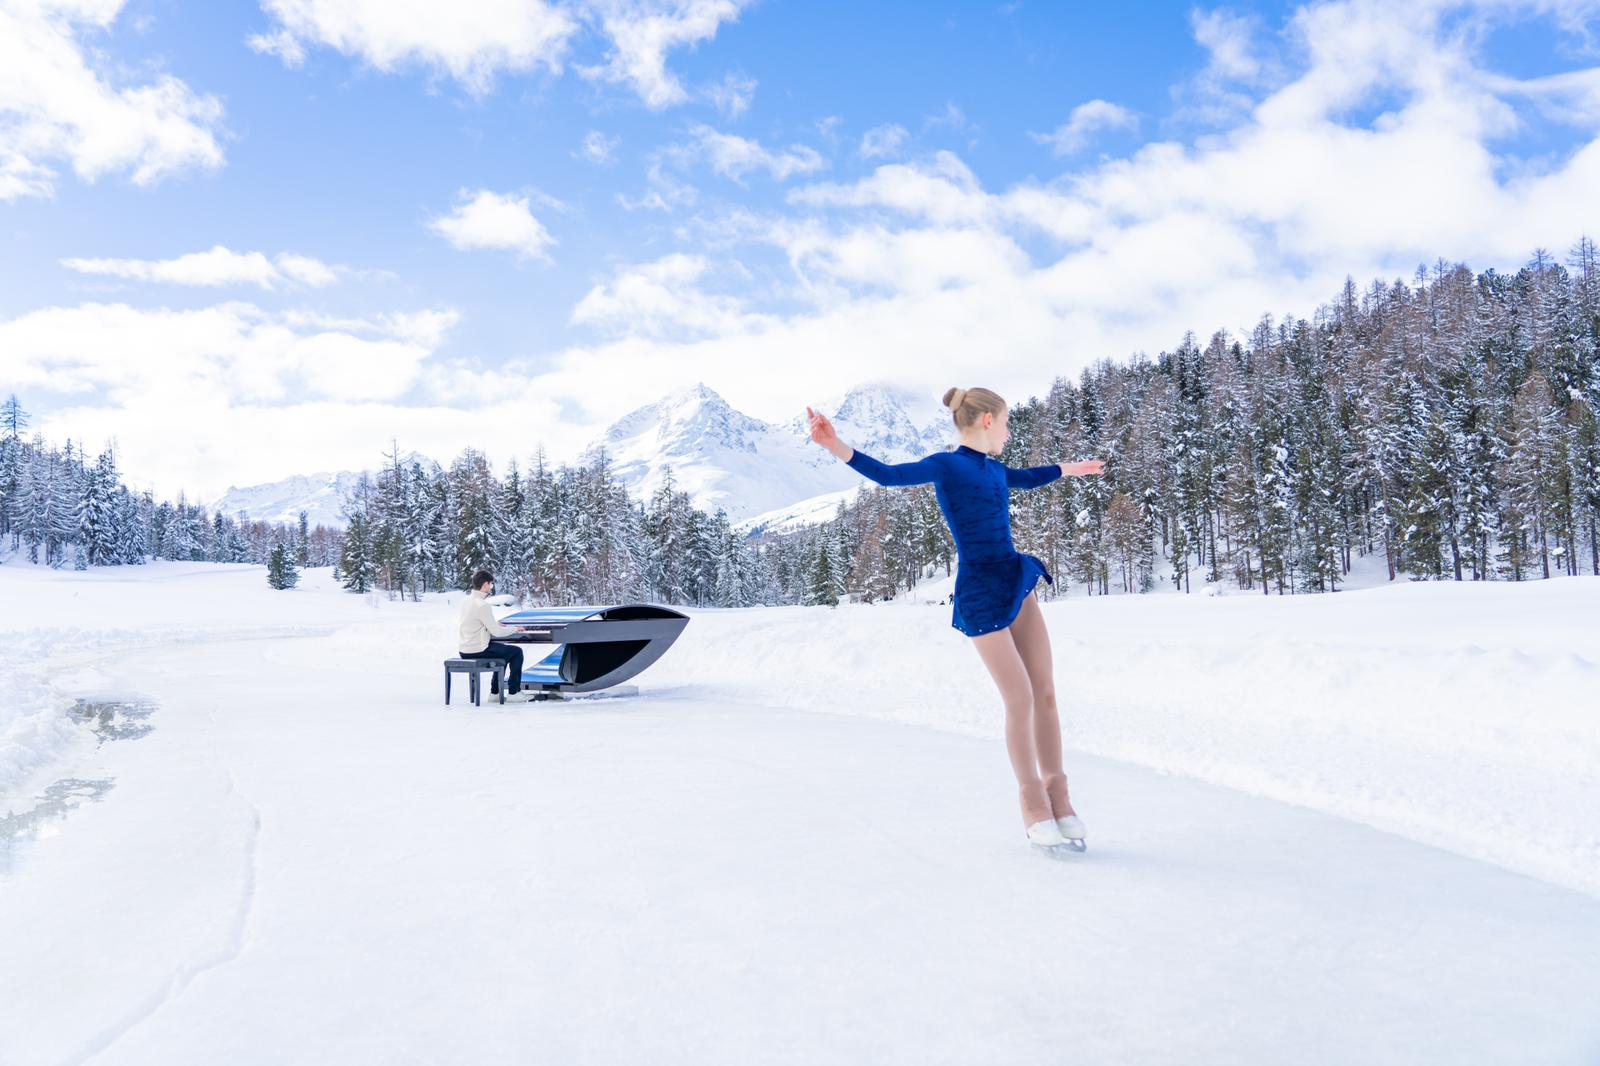 Ice Waves: il pianista Alessandro Martire incanta con 'Heart' sul lago ghiacciato di Staz. Intervista